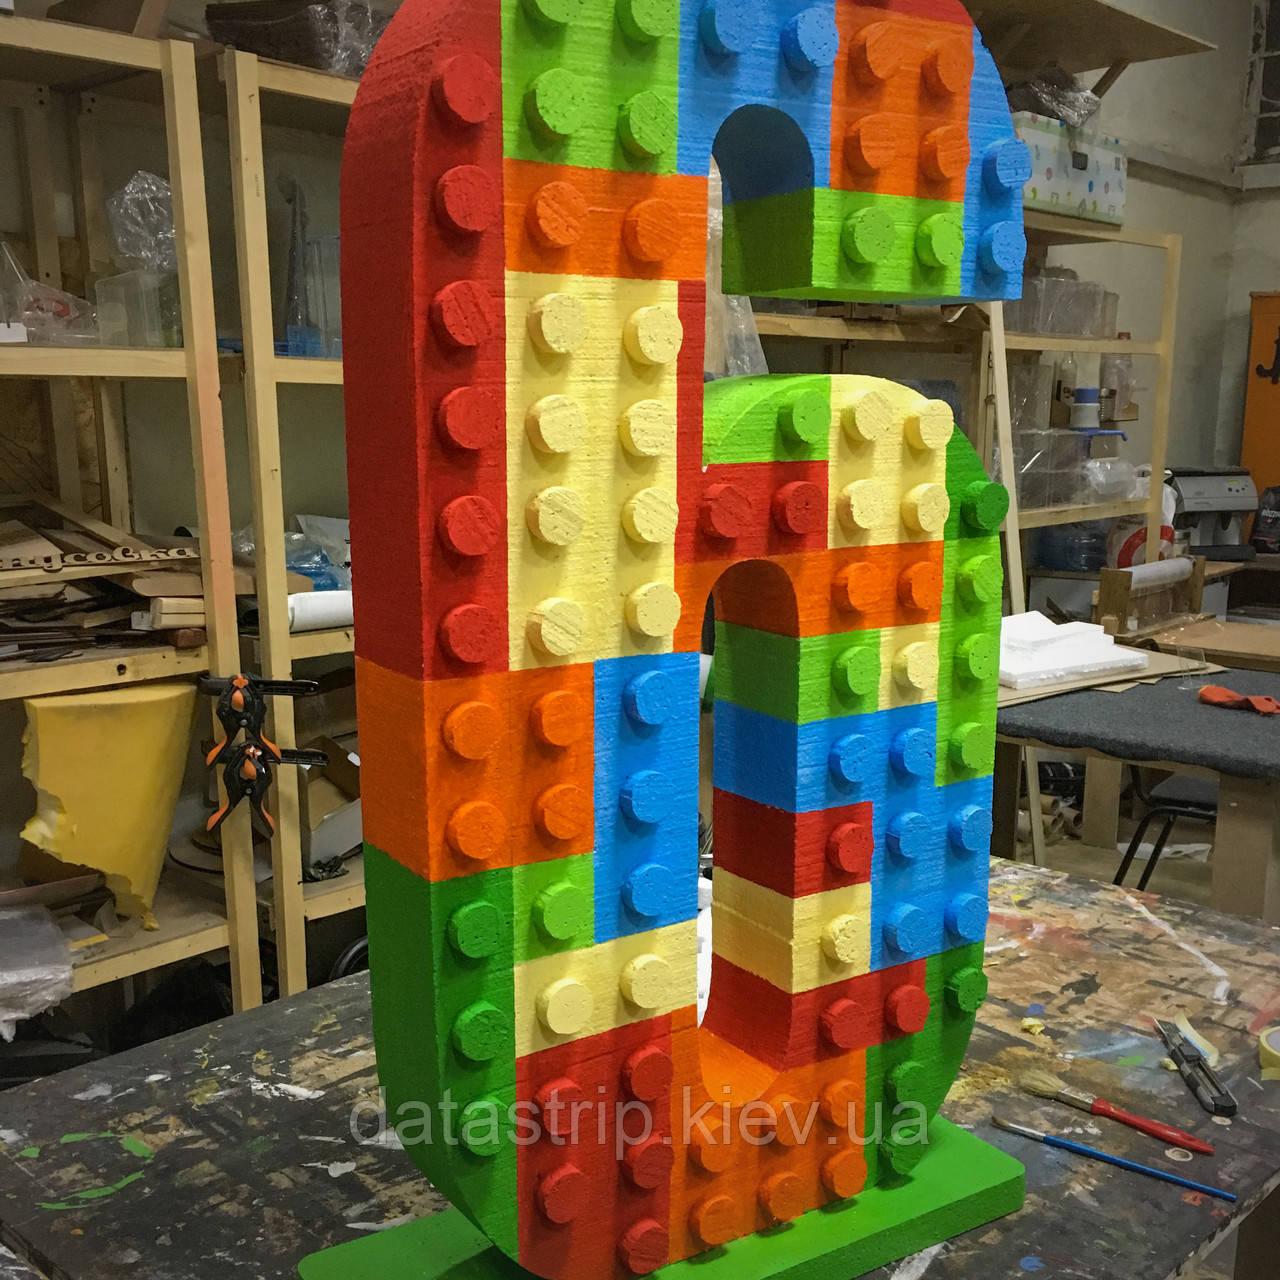 Цифра из пенопласта в стиле LEGO